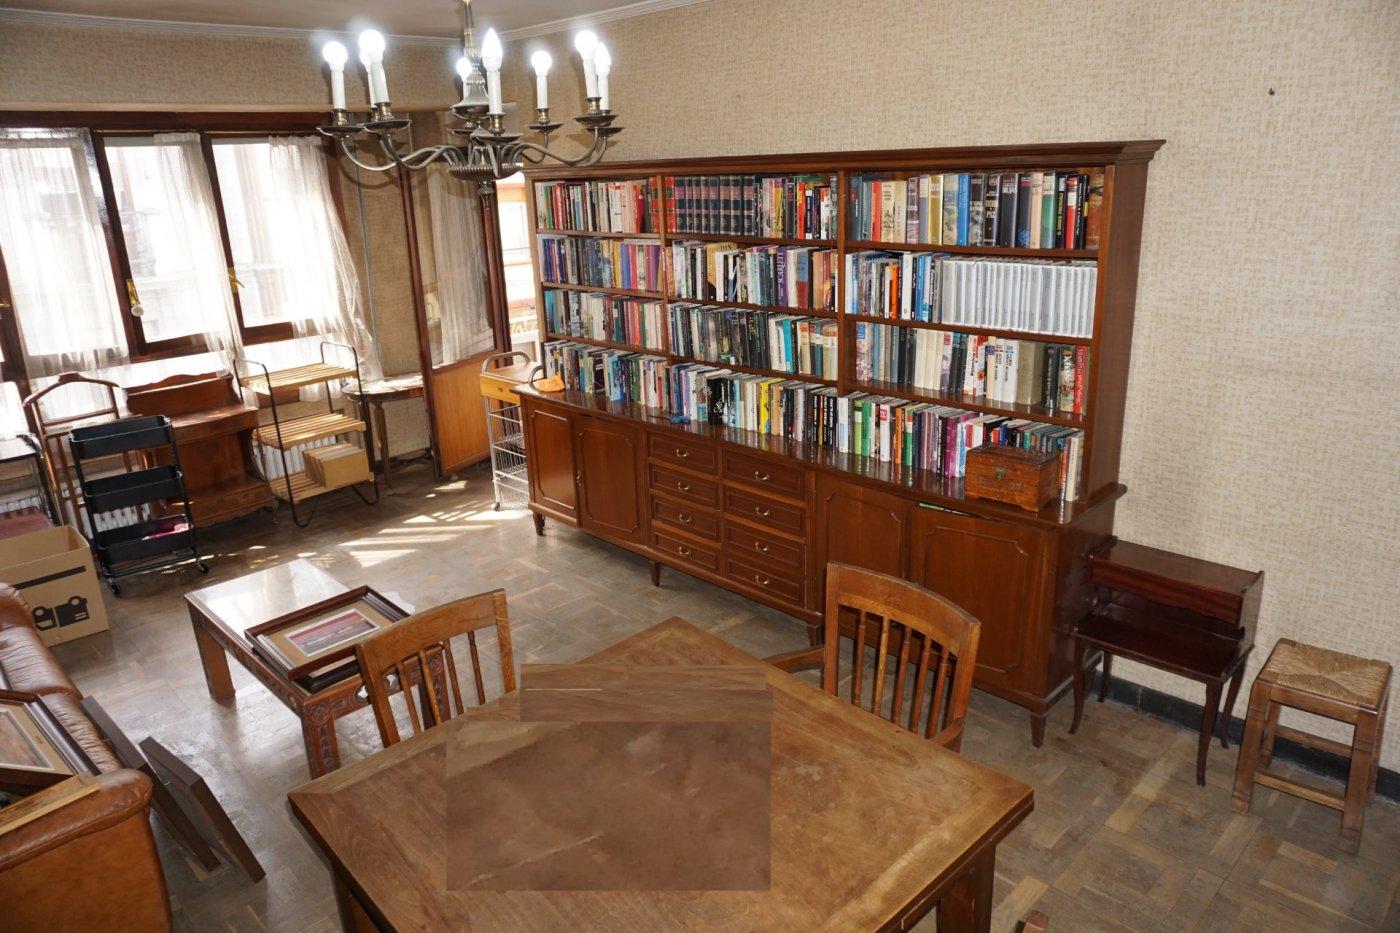 Apartamento, Centro, Venta - Álava (Álava)